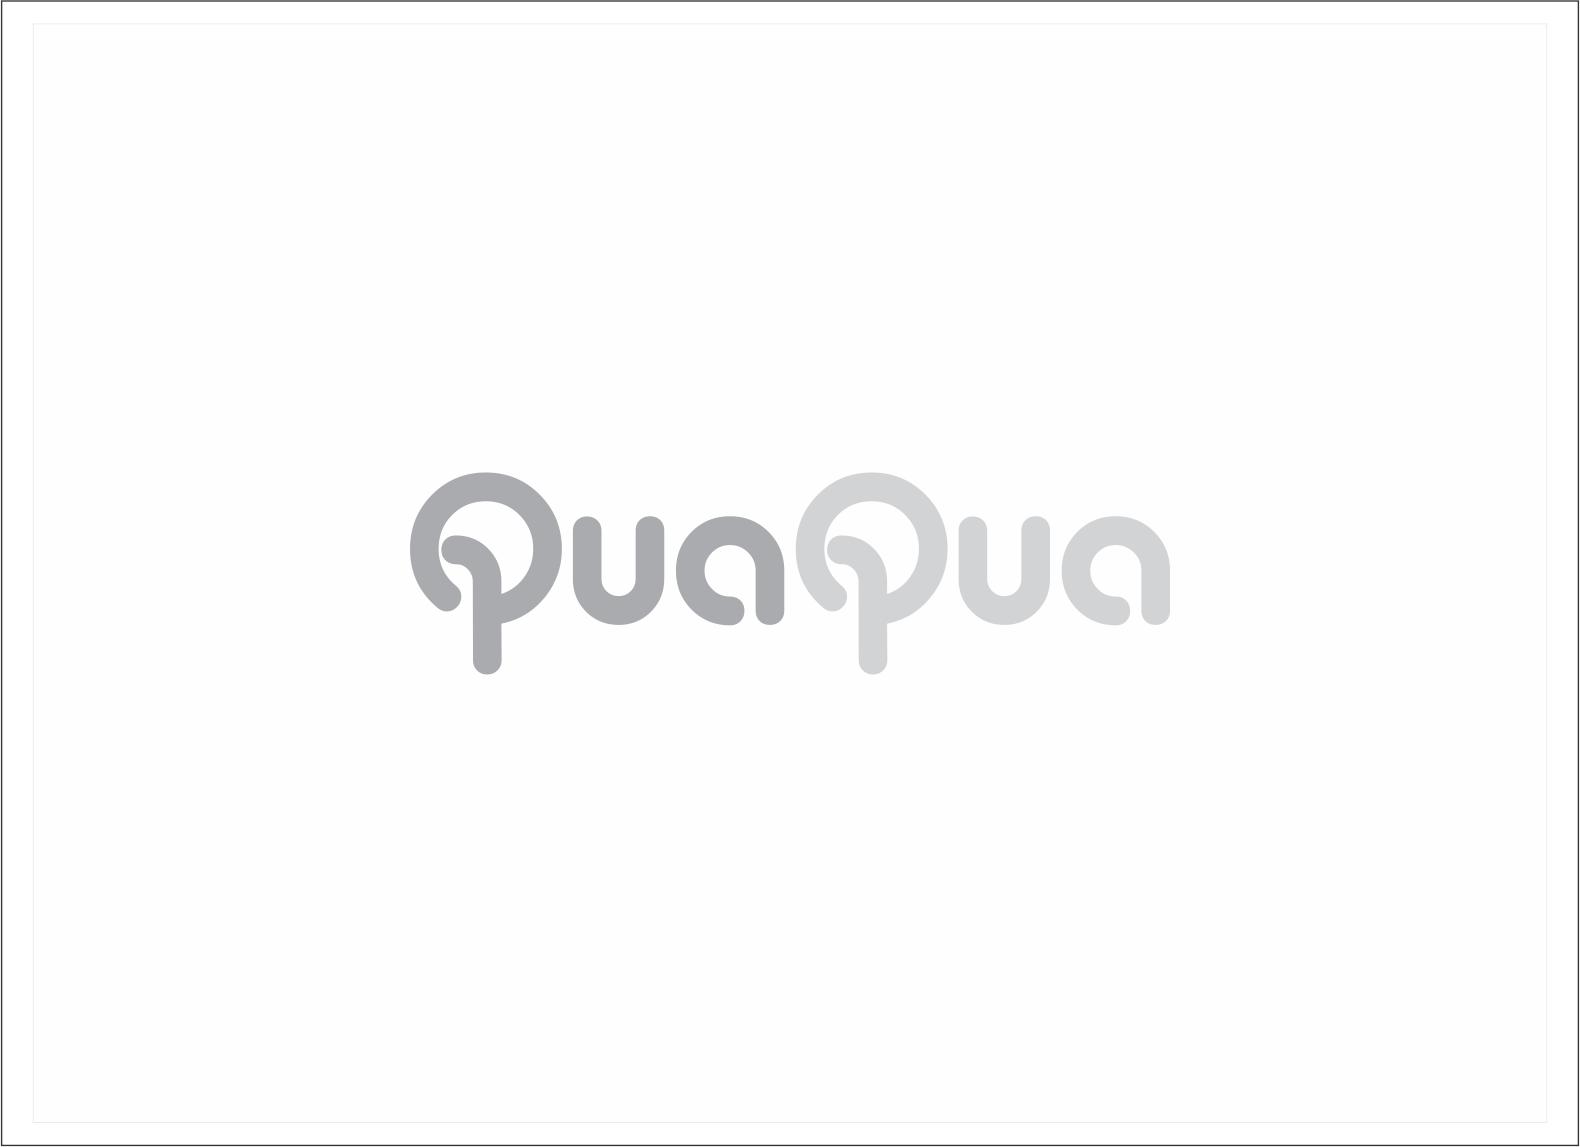 PuaPua Logo Wallpaper